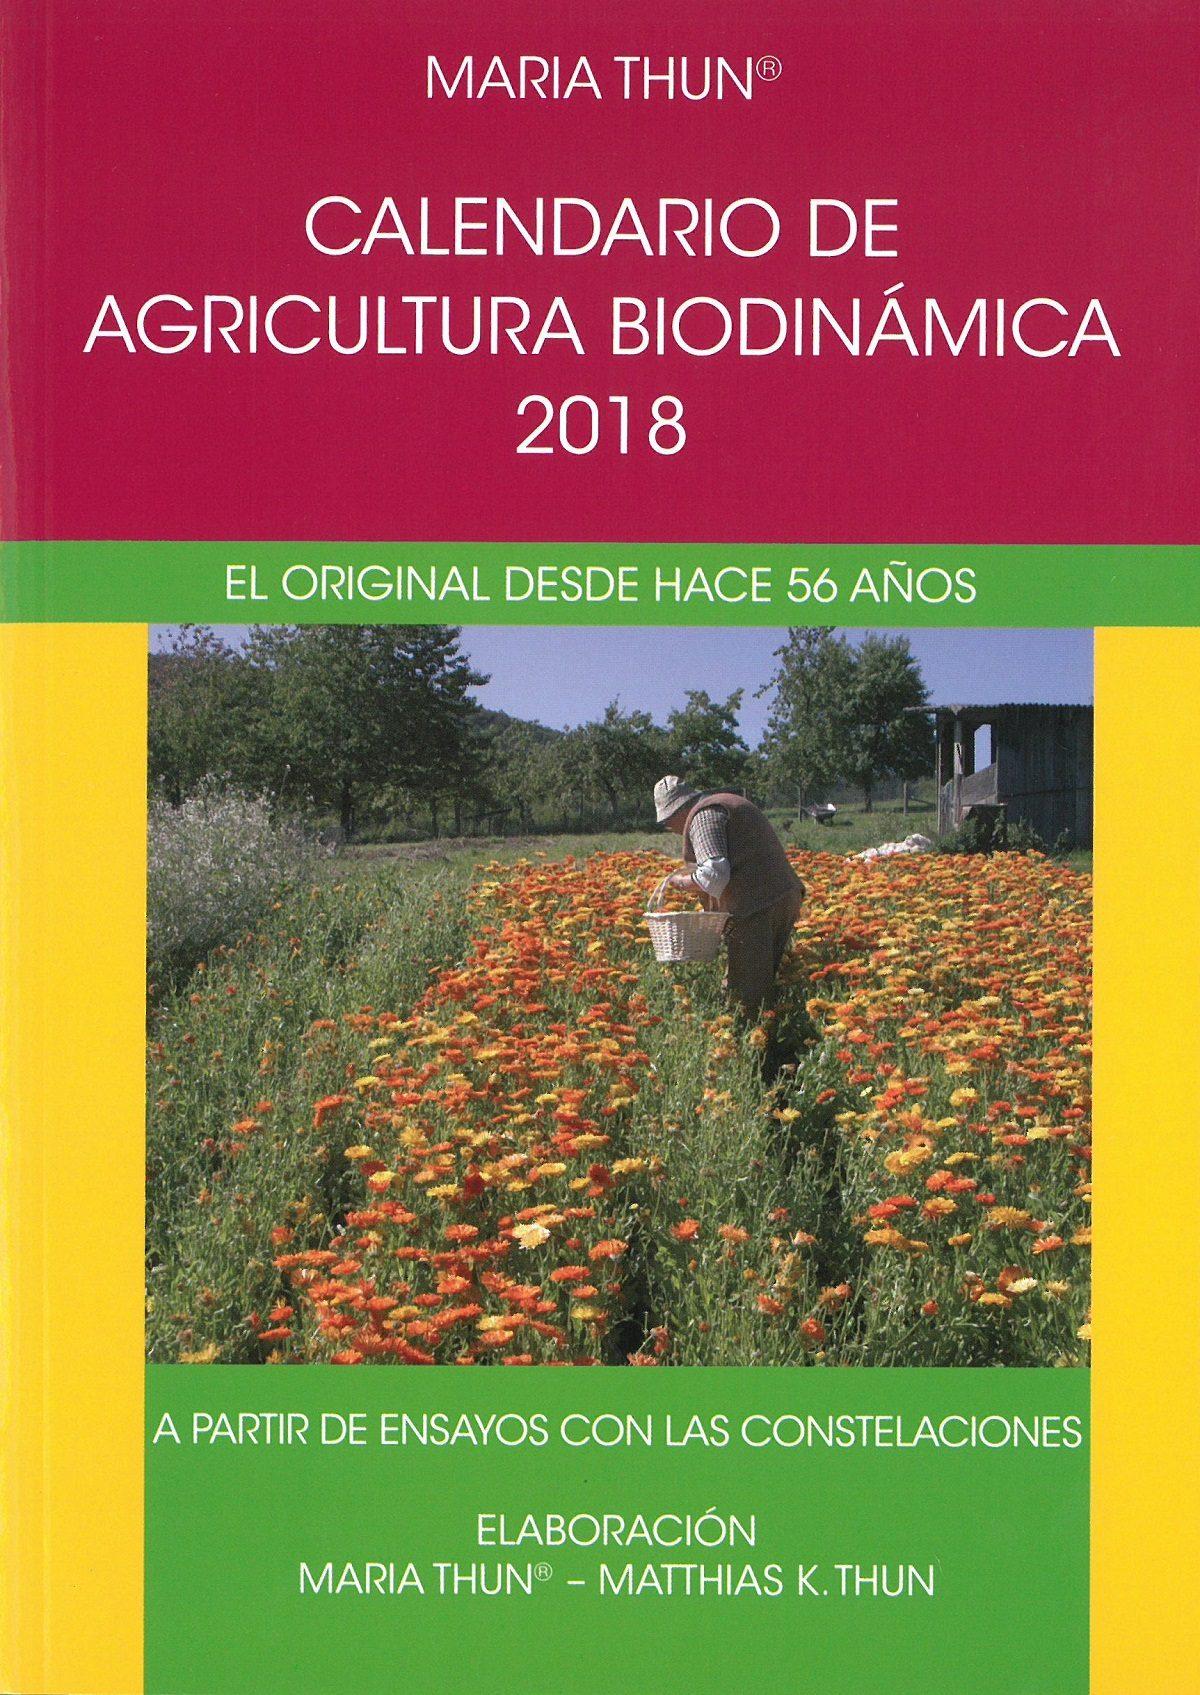 calendario-de-agricultura-biodinamica-2018